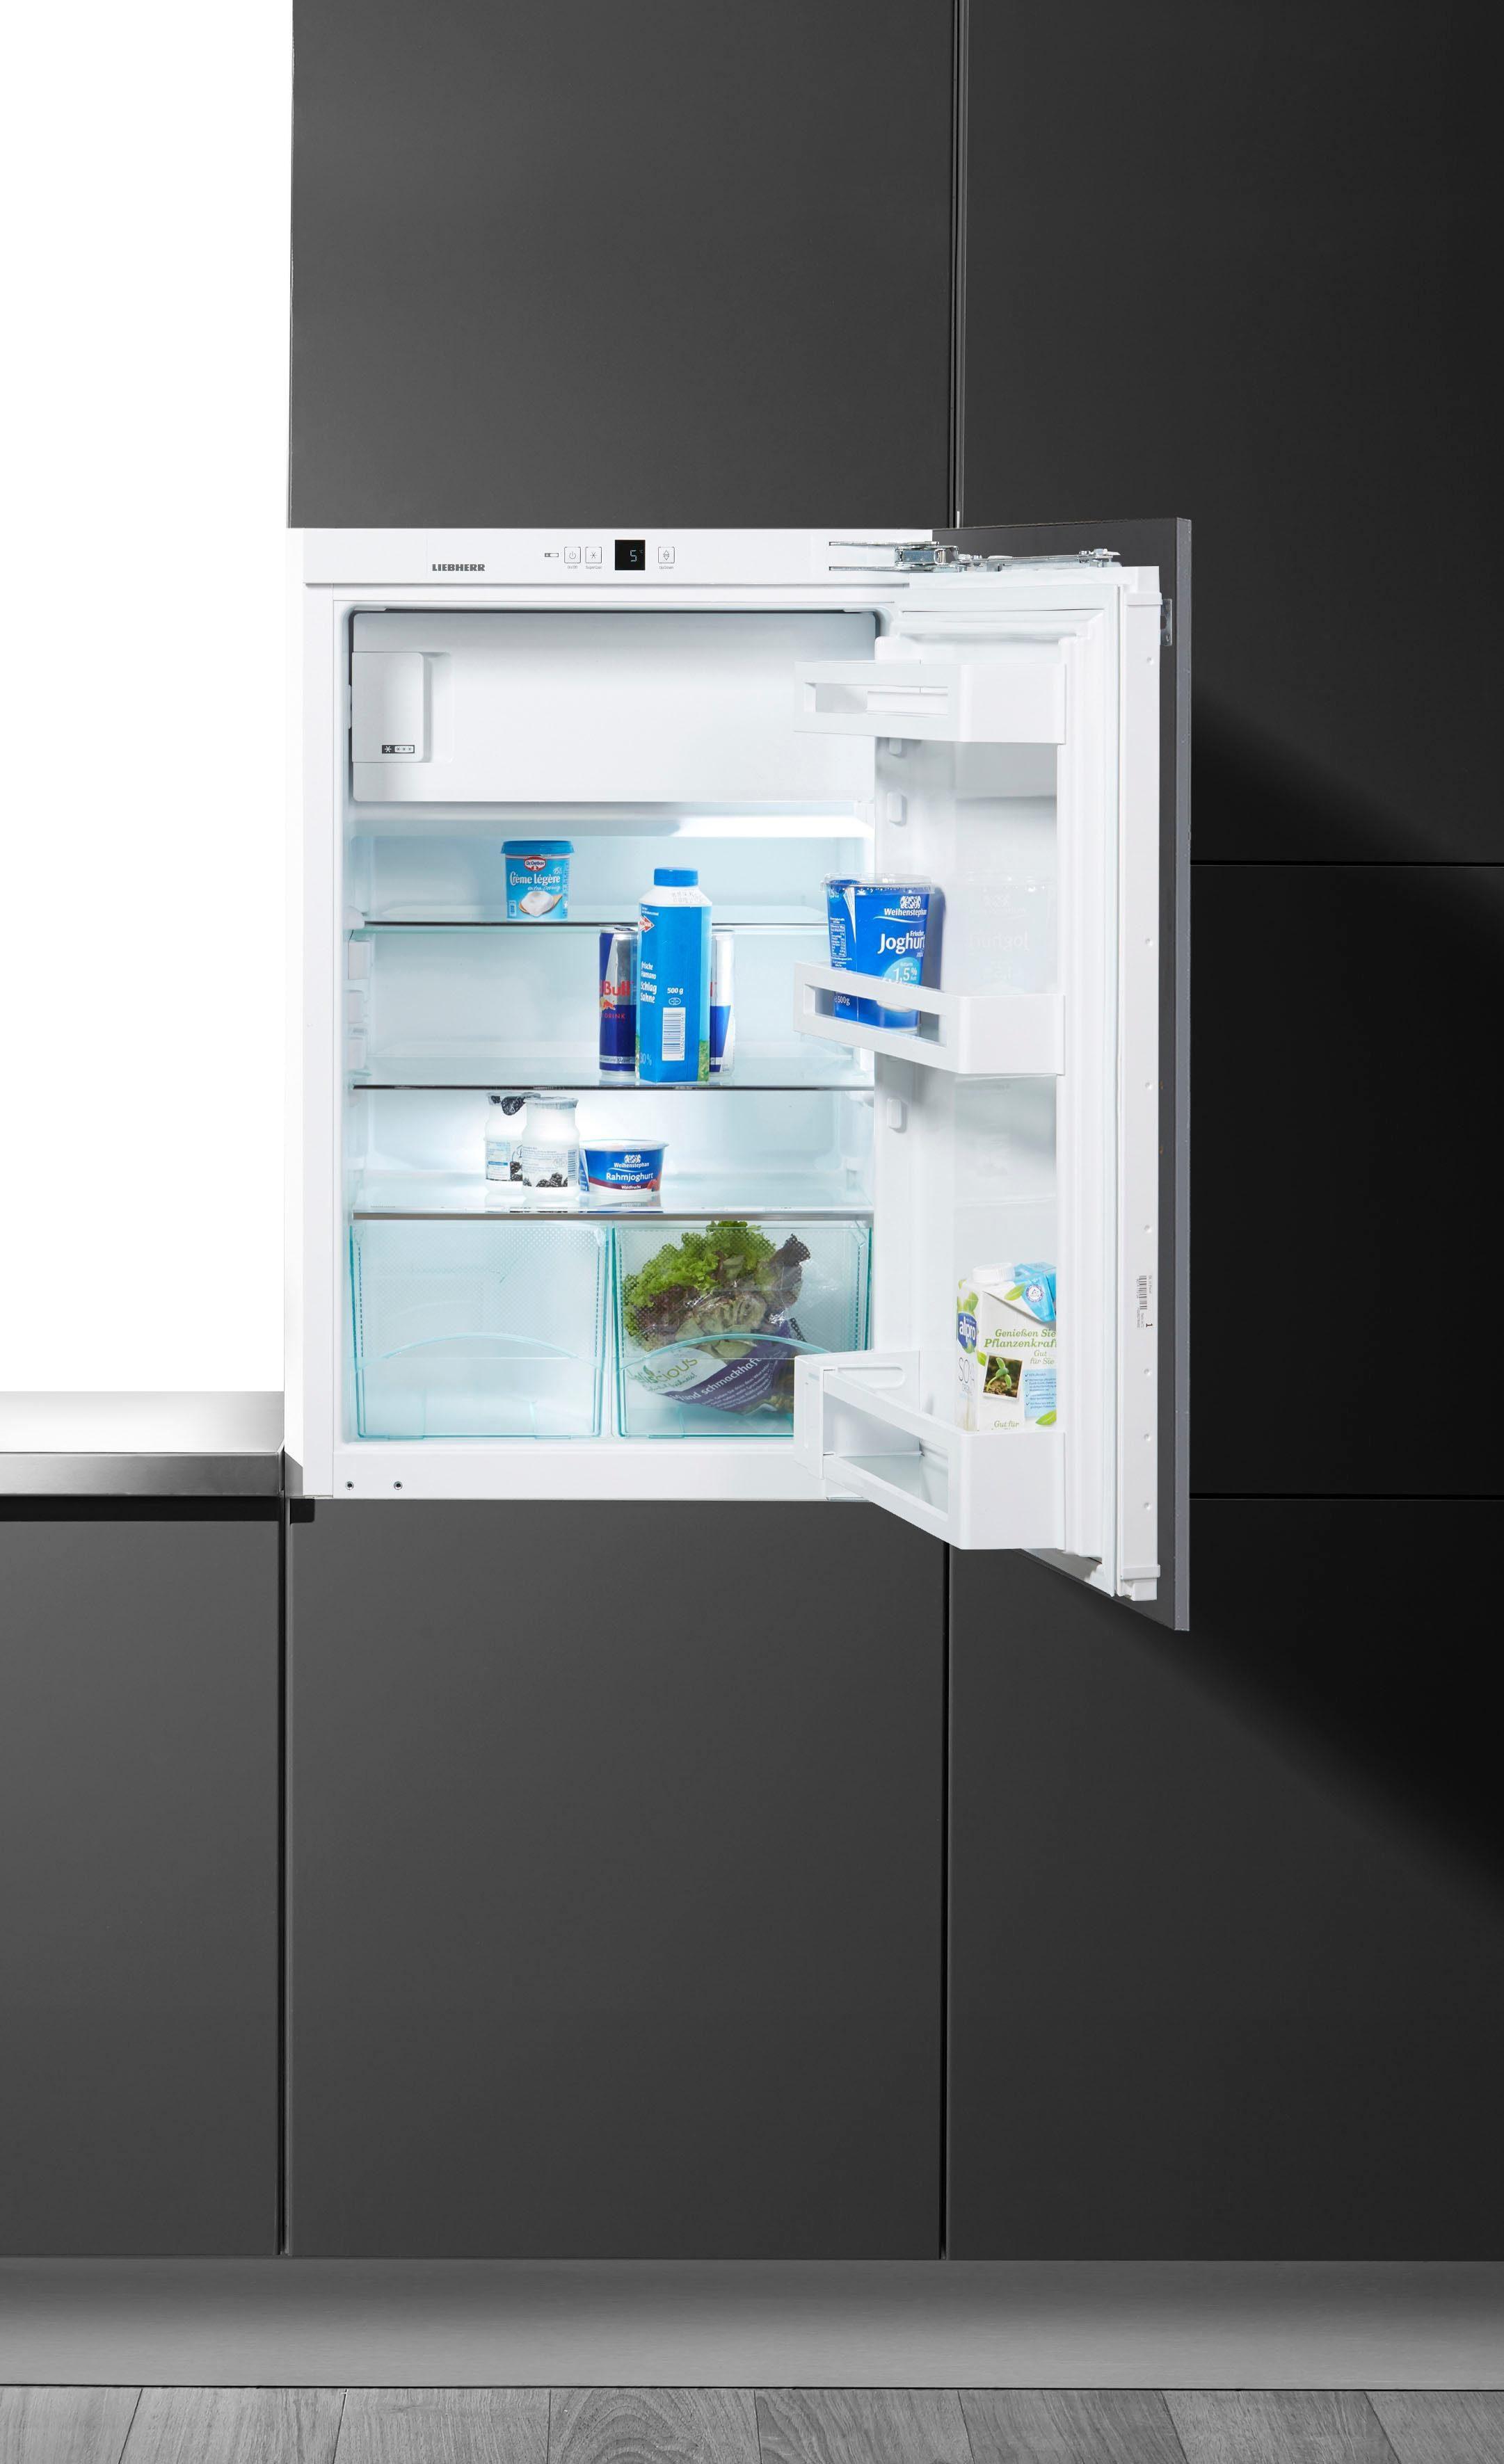 Liebherr Einbaukühlschrank IK 1624, 87,7 cm hoch, 56 cm breit, Energieklasse A++, 88 cm hoch, integrierbar